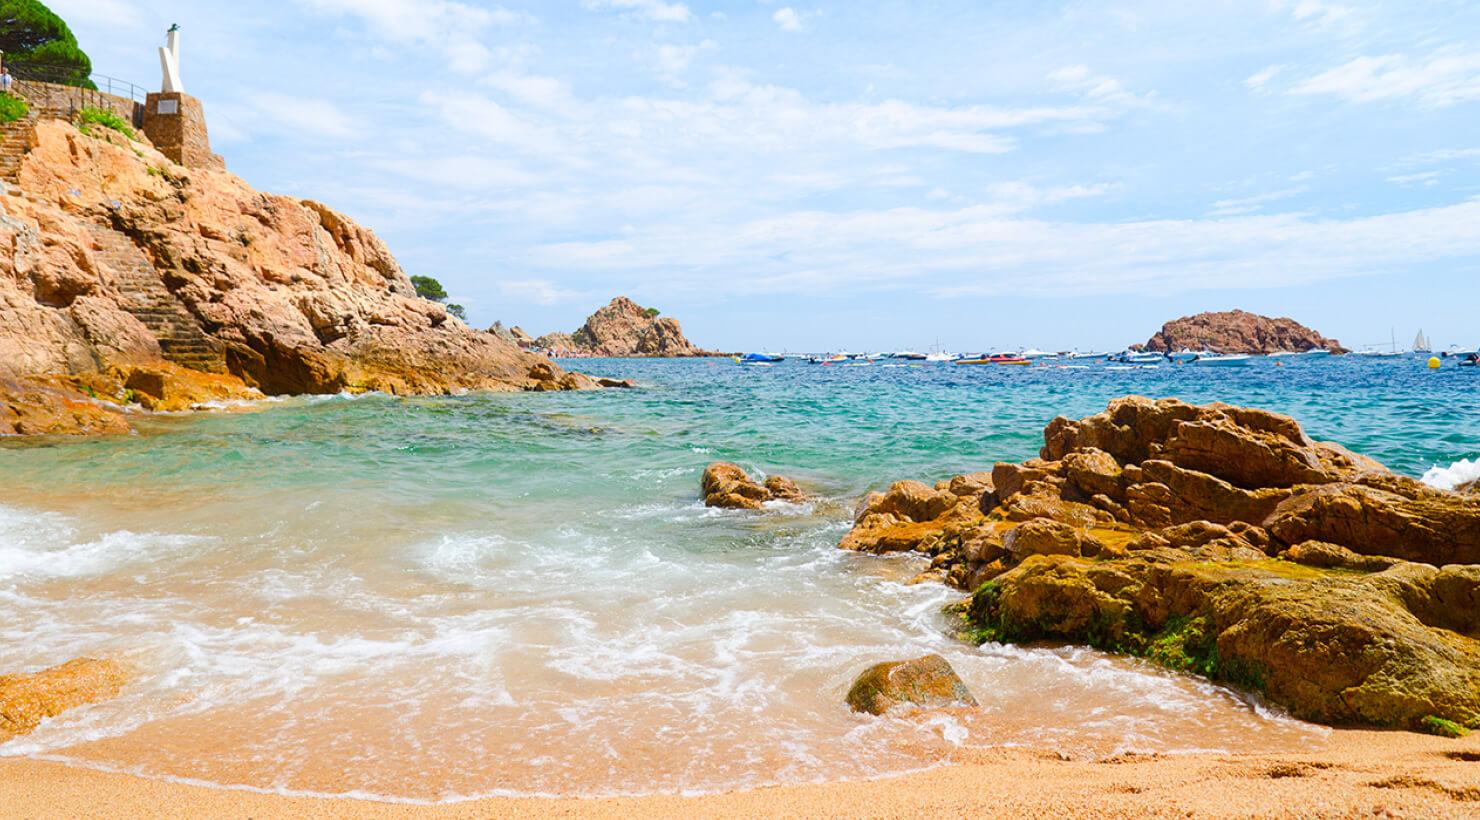 Costa girona playa apartamentos y casas de alquiler en la costa brava - Casa playa costa brava ...